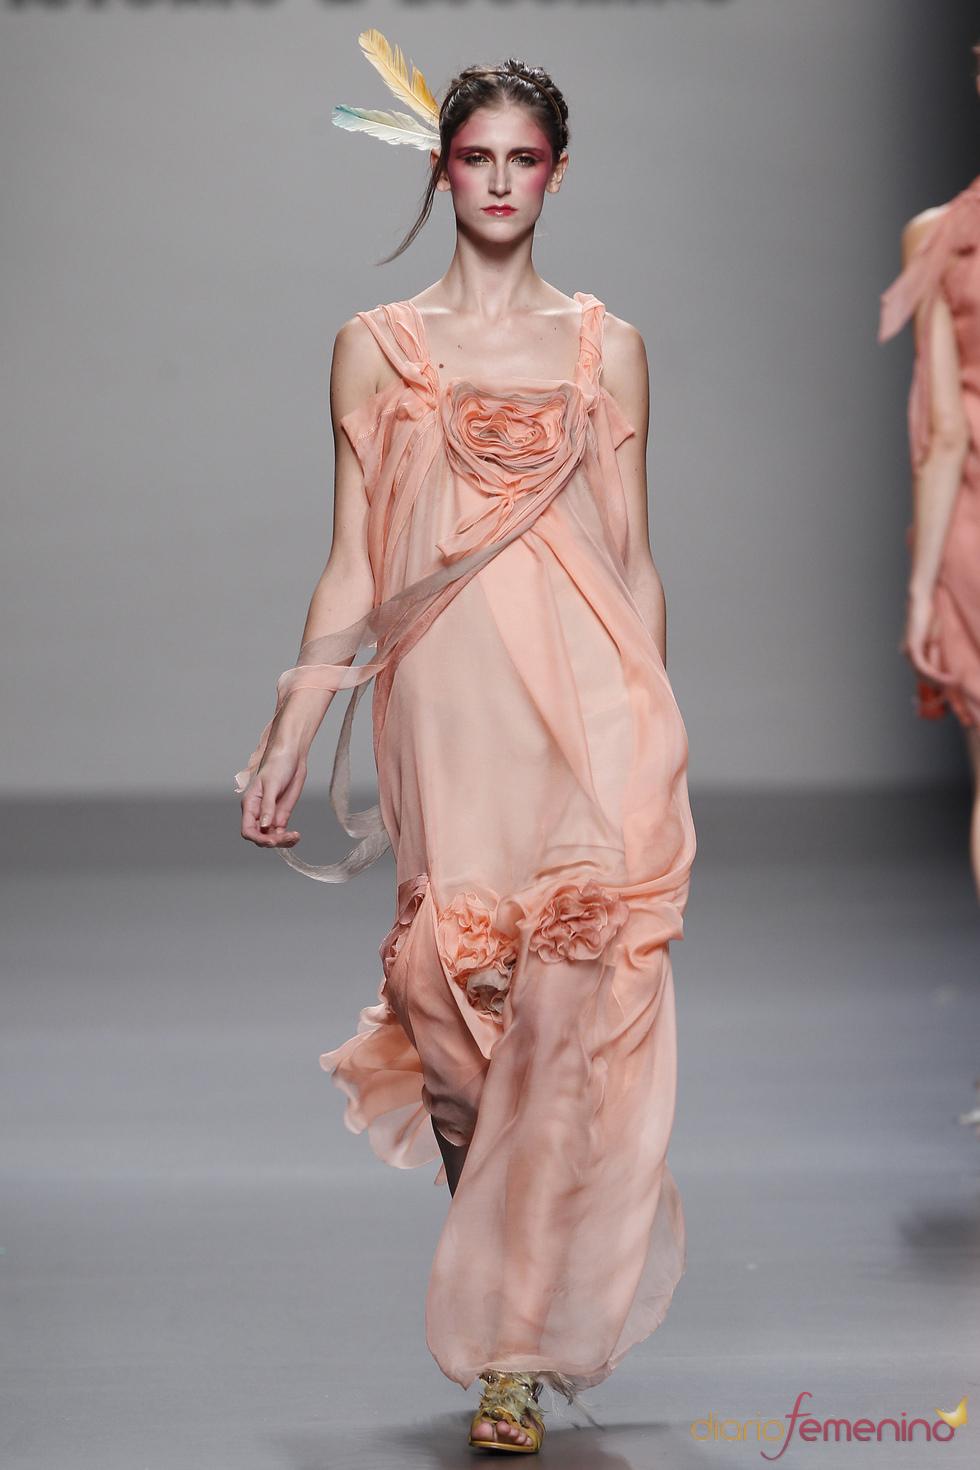 Diseño vaporoso de Victorio & Lucchino para la primavera verano de 2011